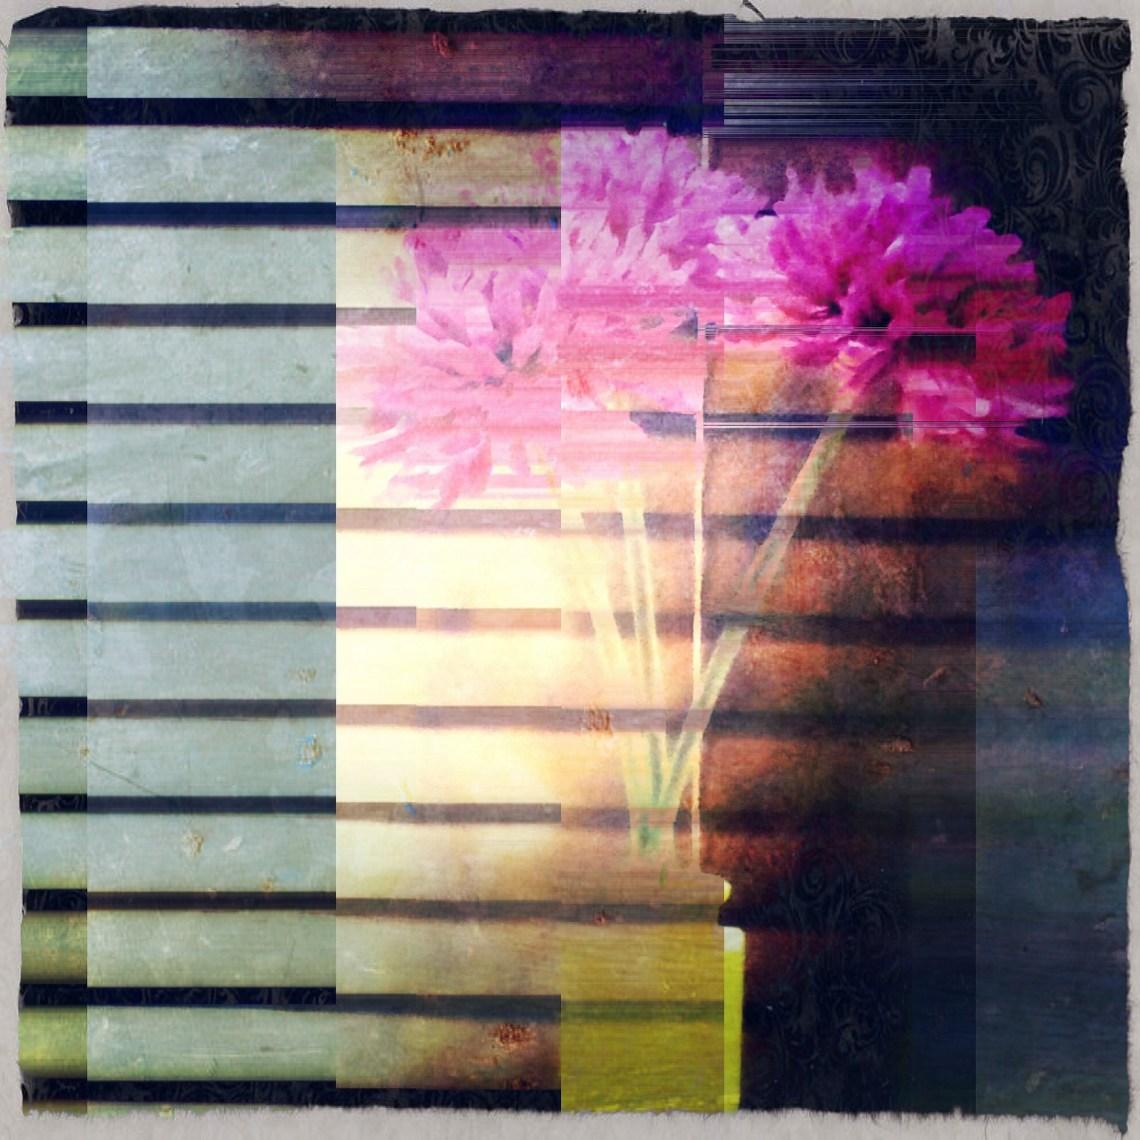 Flickr / gilliannb